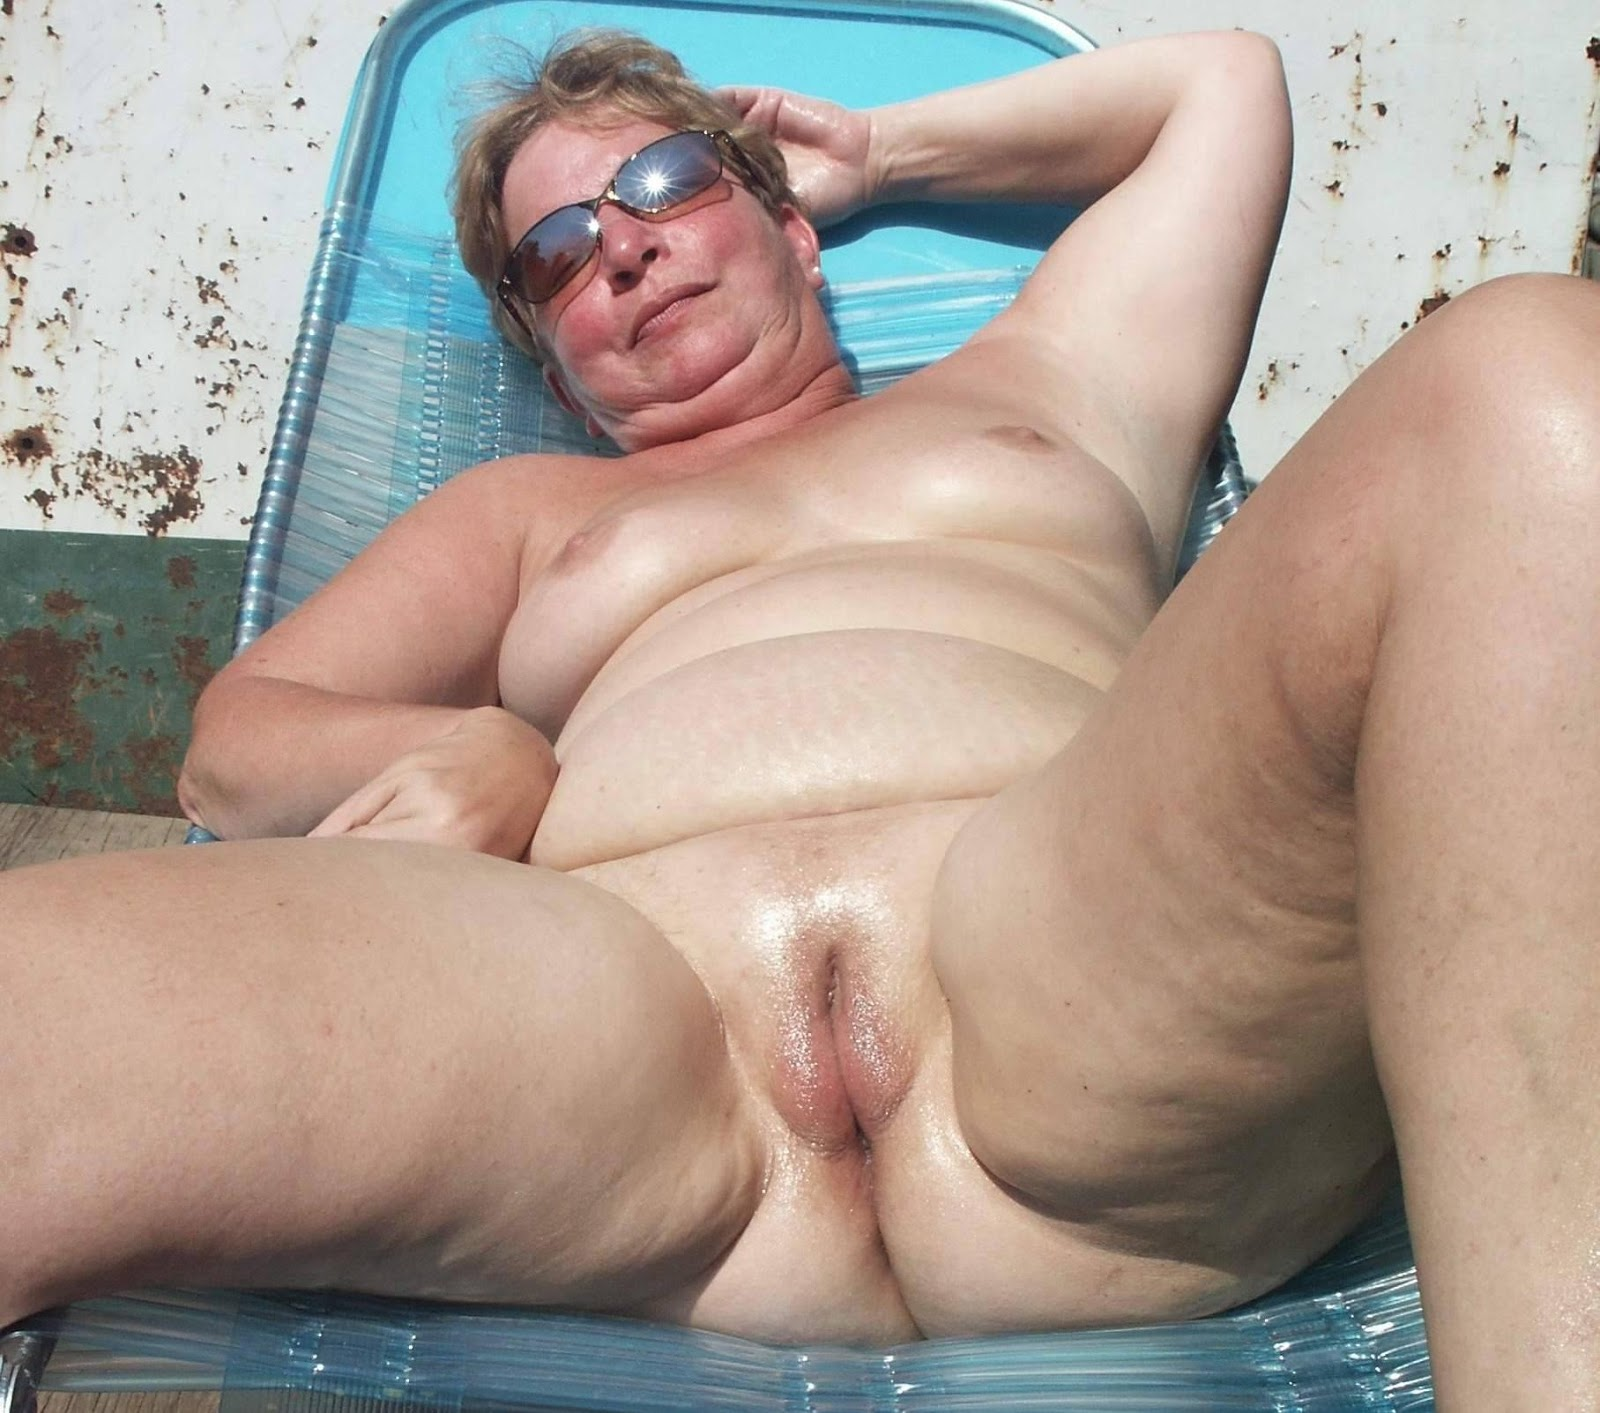 nude beach amateurs tumblr